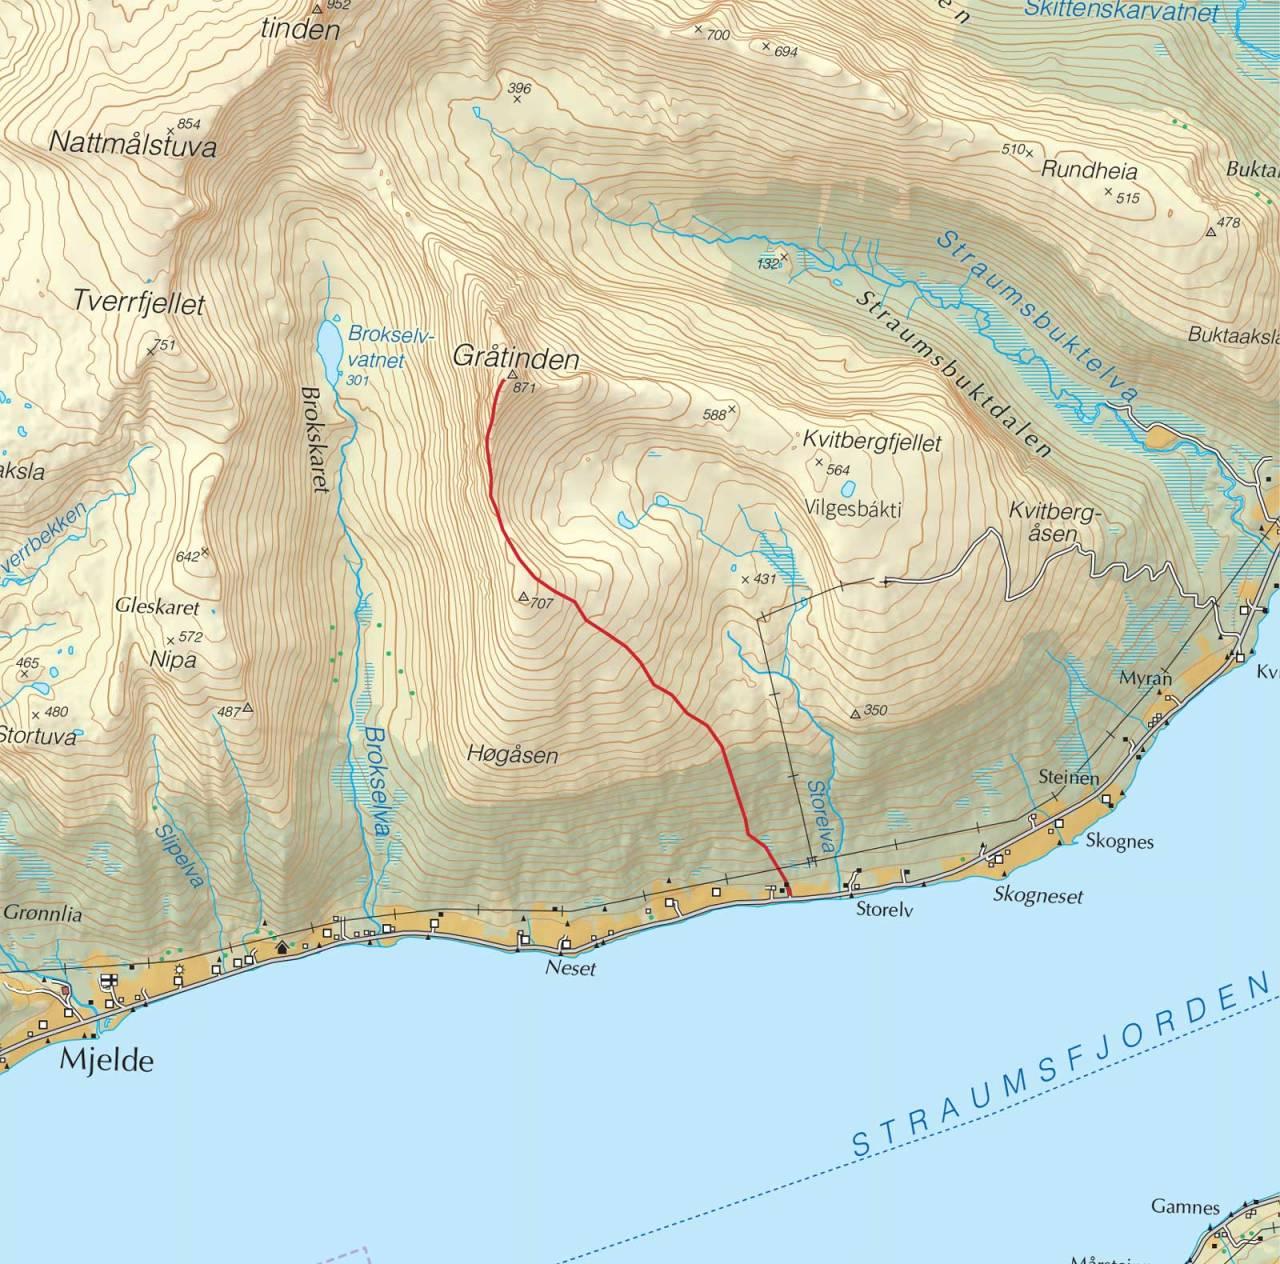 Kart over Gråtinden med inntegnet rute. Fra Trygge toppturer.